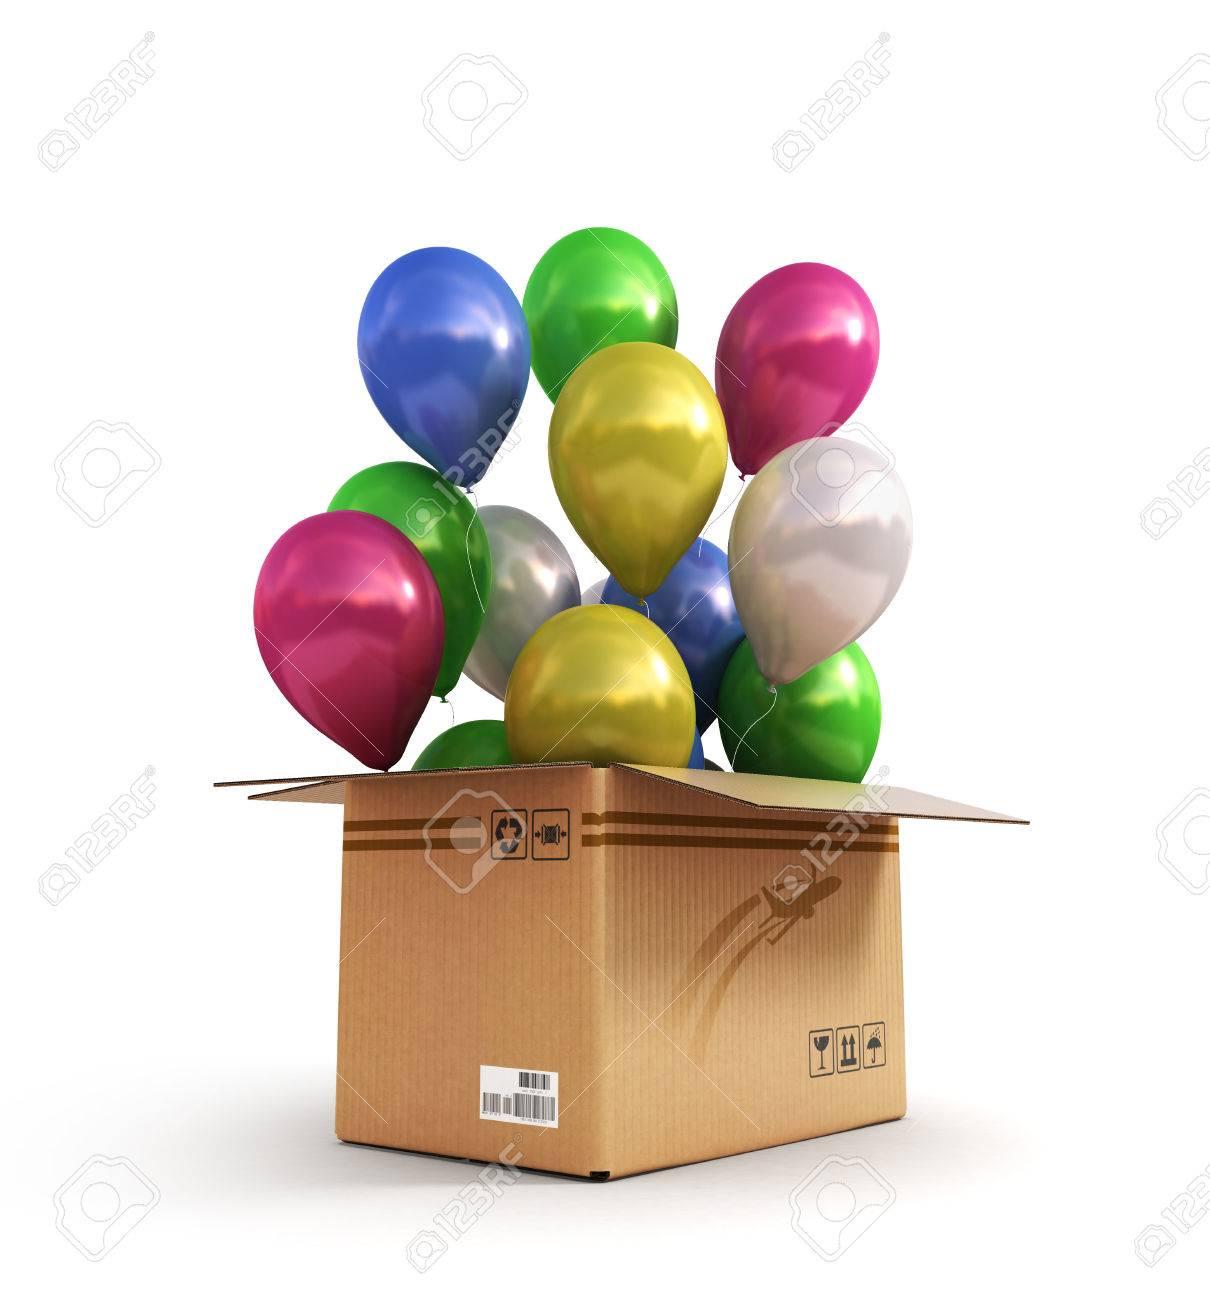 Bolas De Colores En Una Caja De Cartón Para Envíos Aislados Sobre